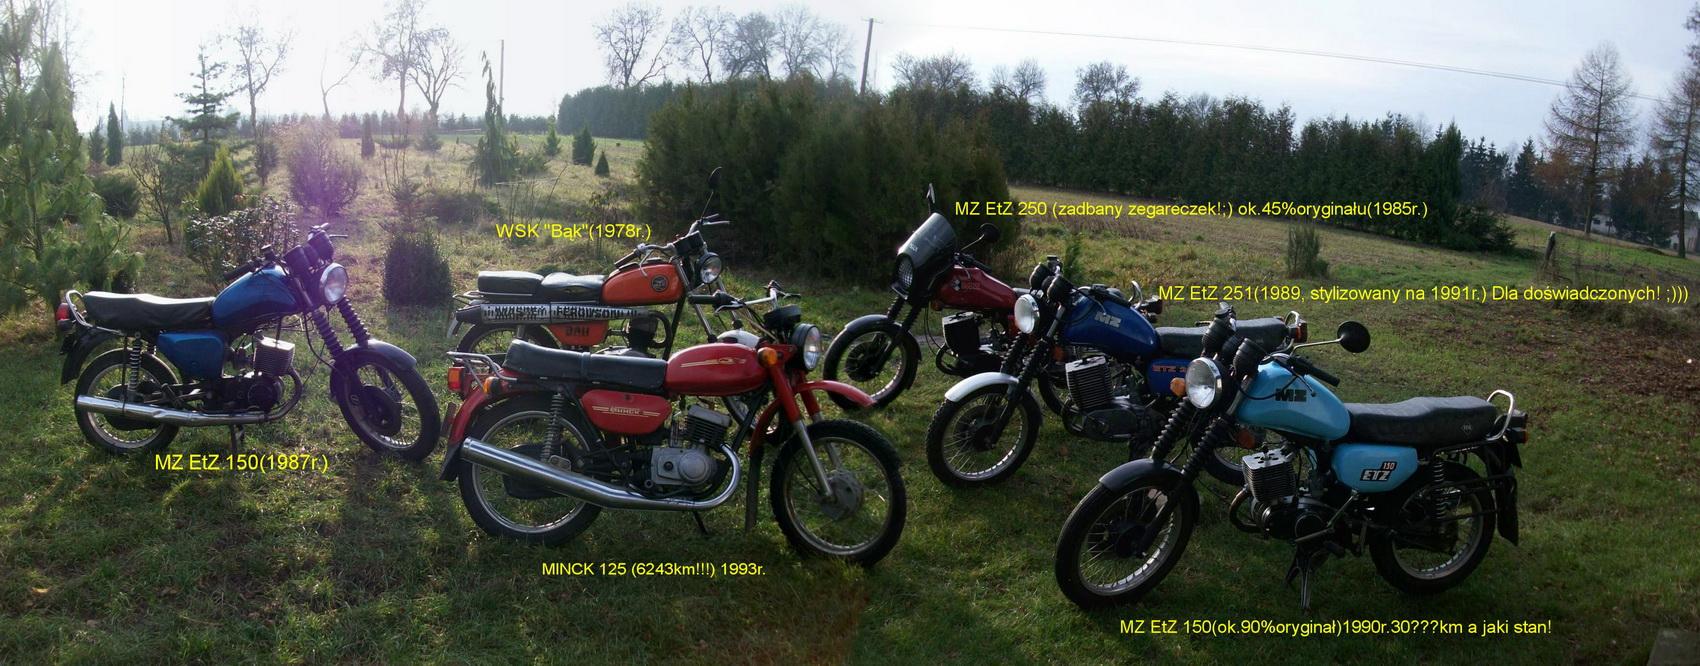 zobacz obrazek okazy kolekcjonerskie motocykle mz. Black Bedroom Furniture Sets. Home Design Ideas